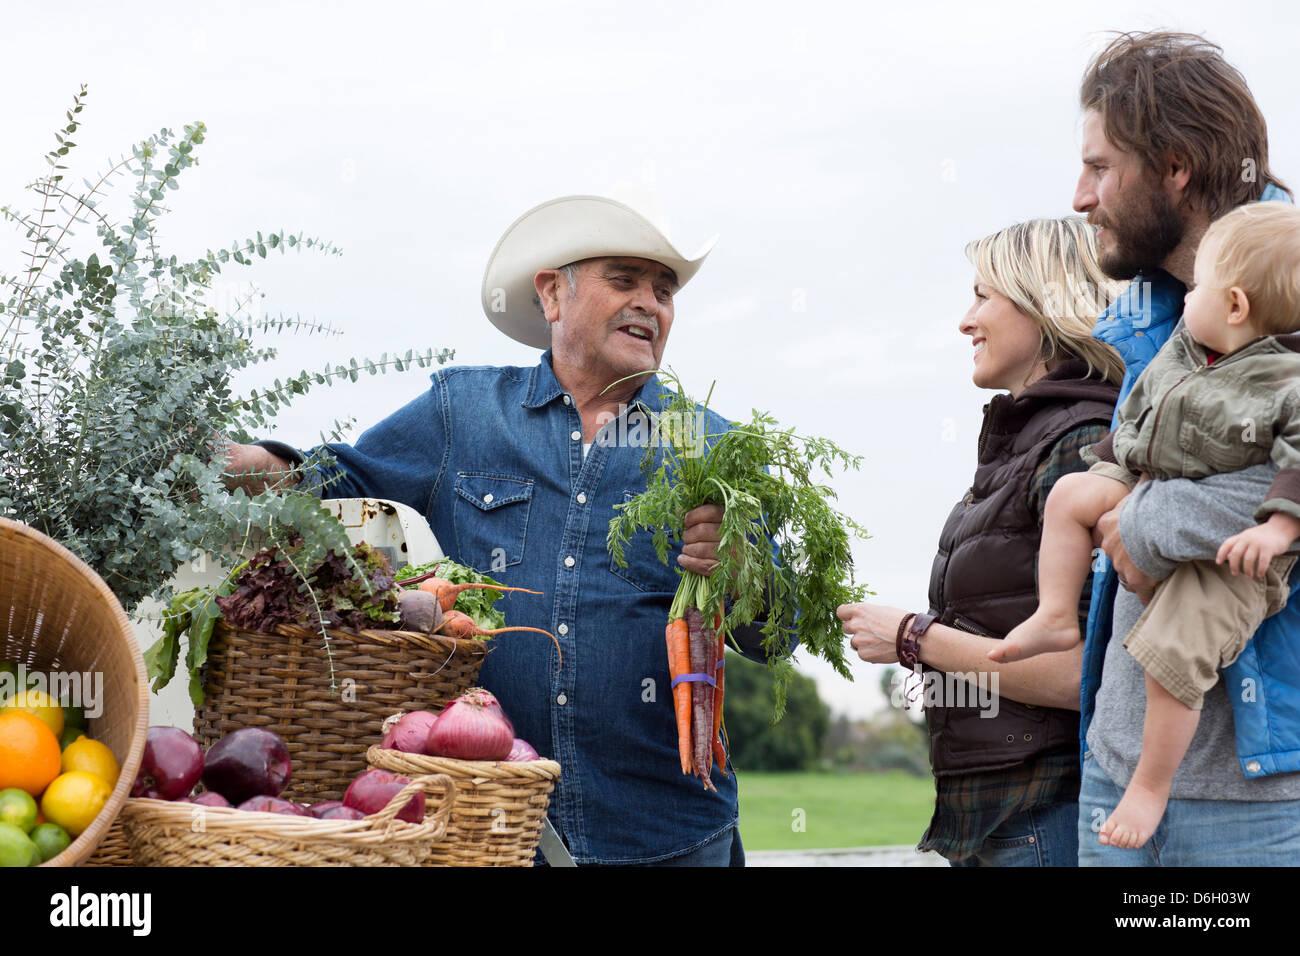 Familia de compras en el mercado del agricultor. Imagen De Stock